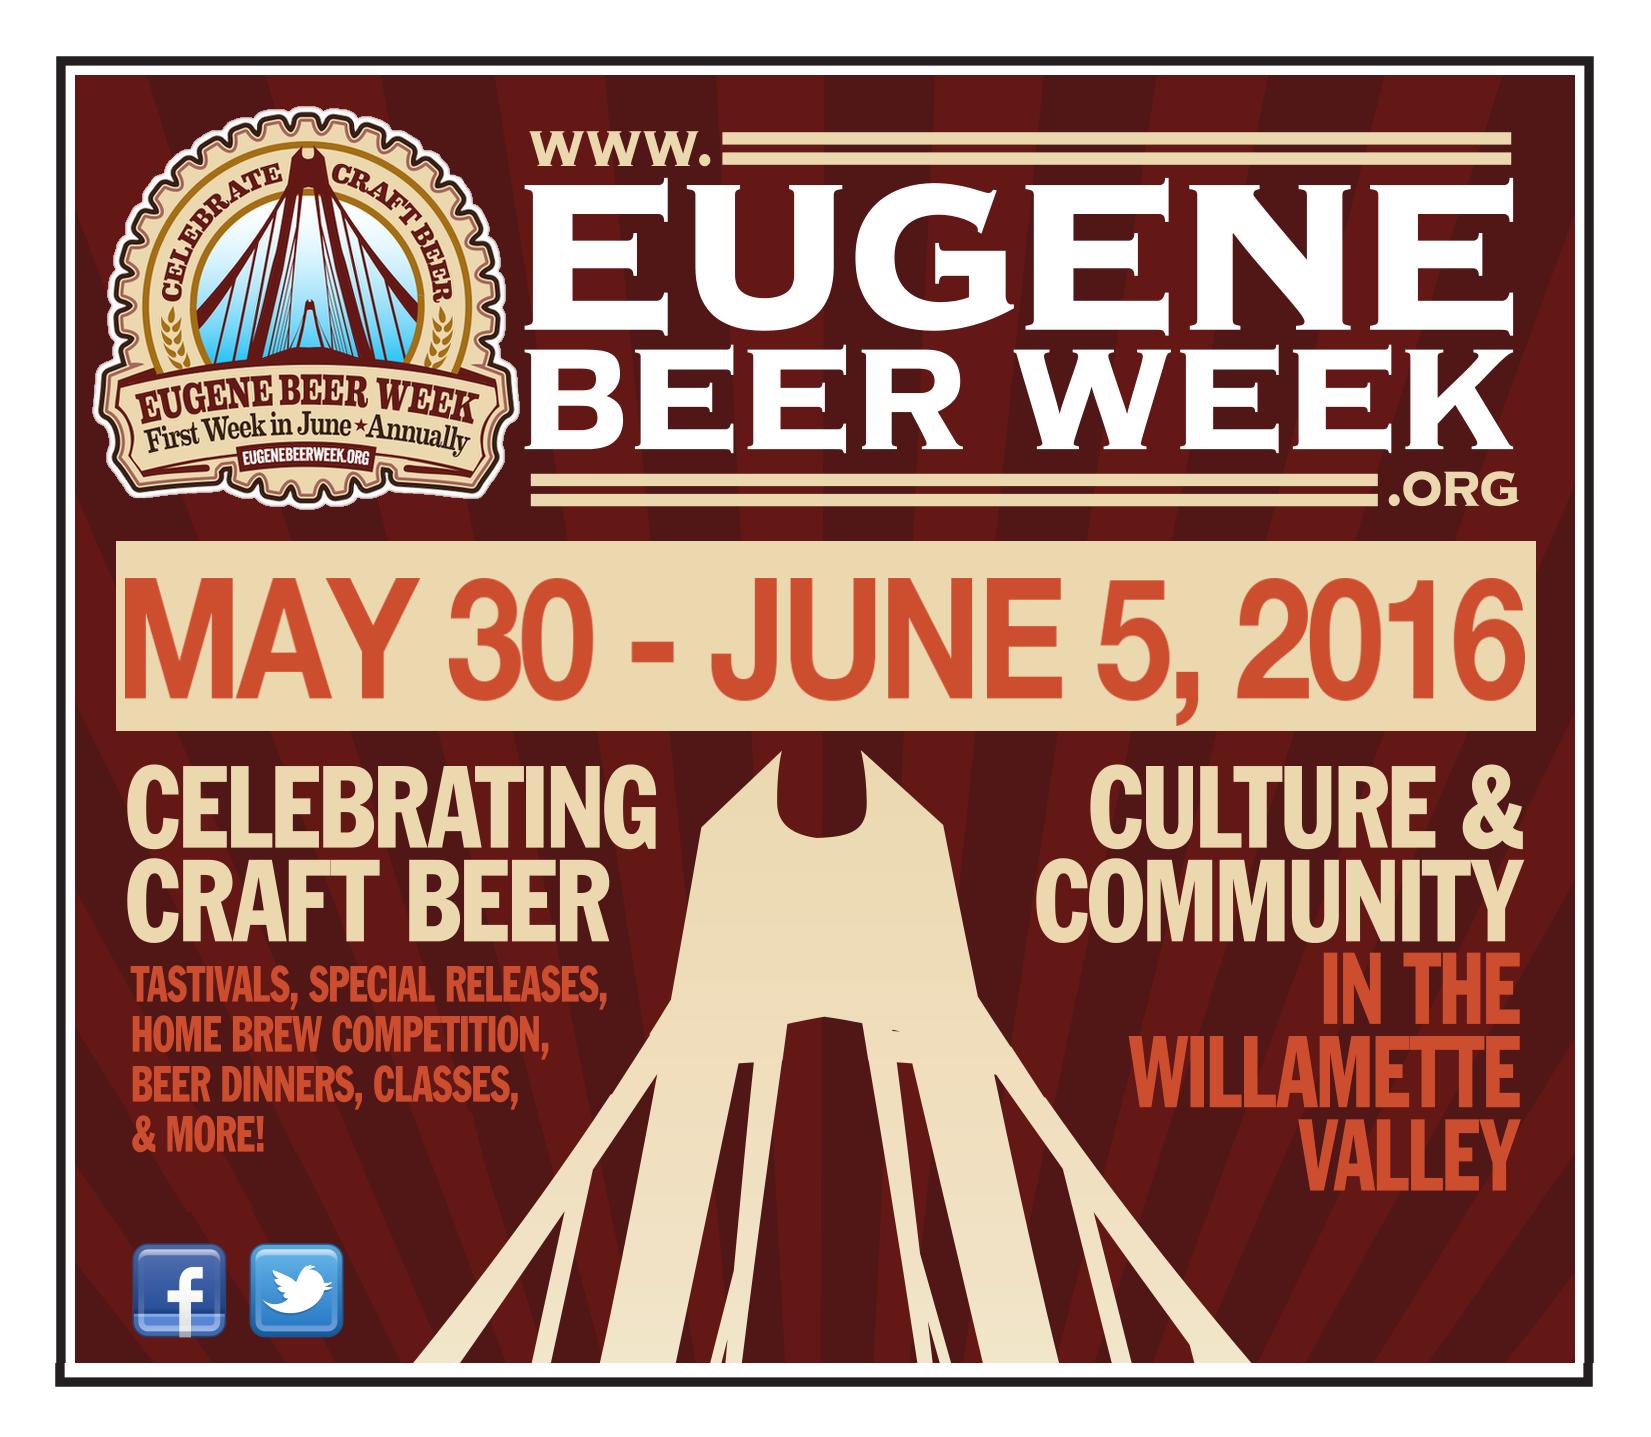 Eugene Beer Week 2016